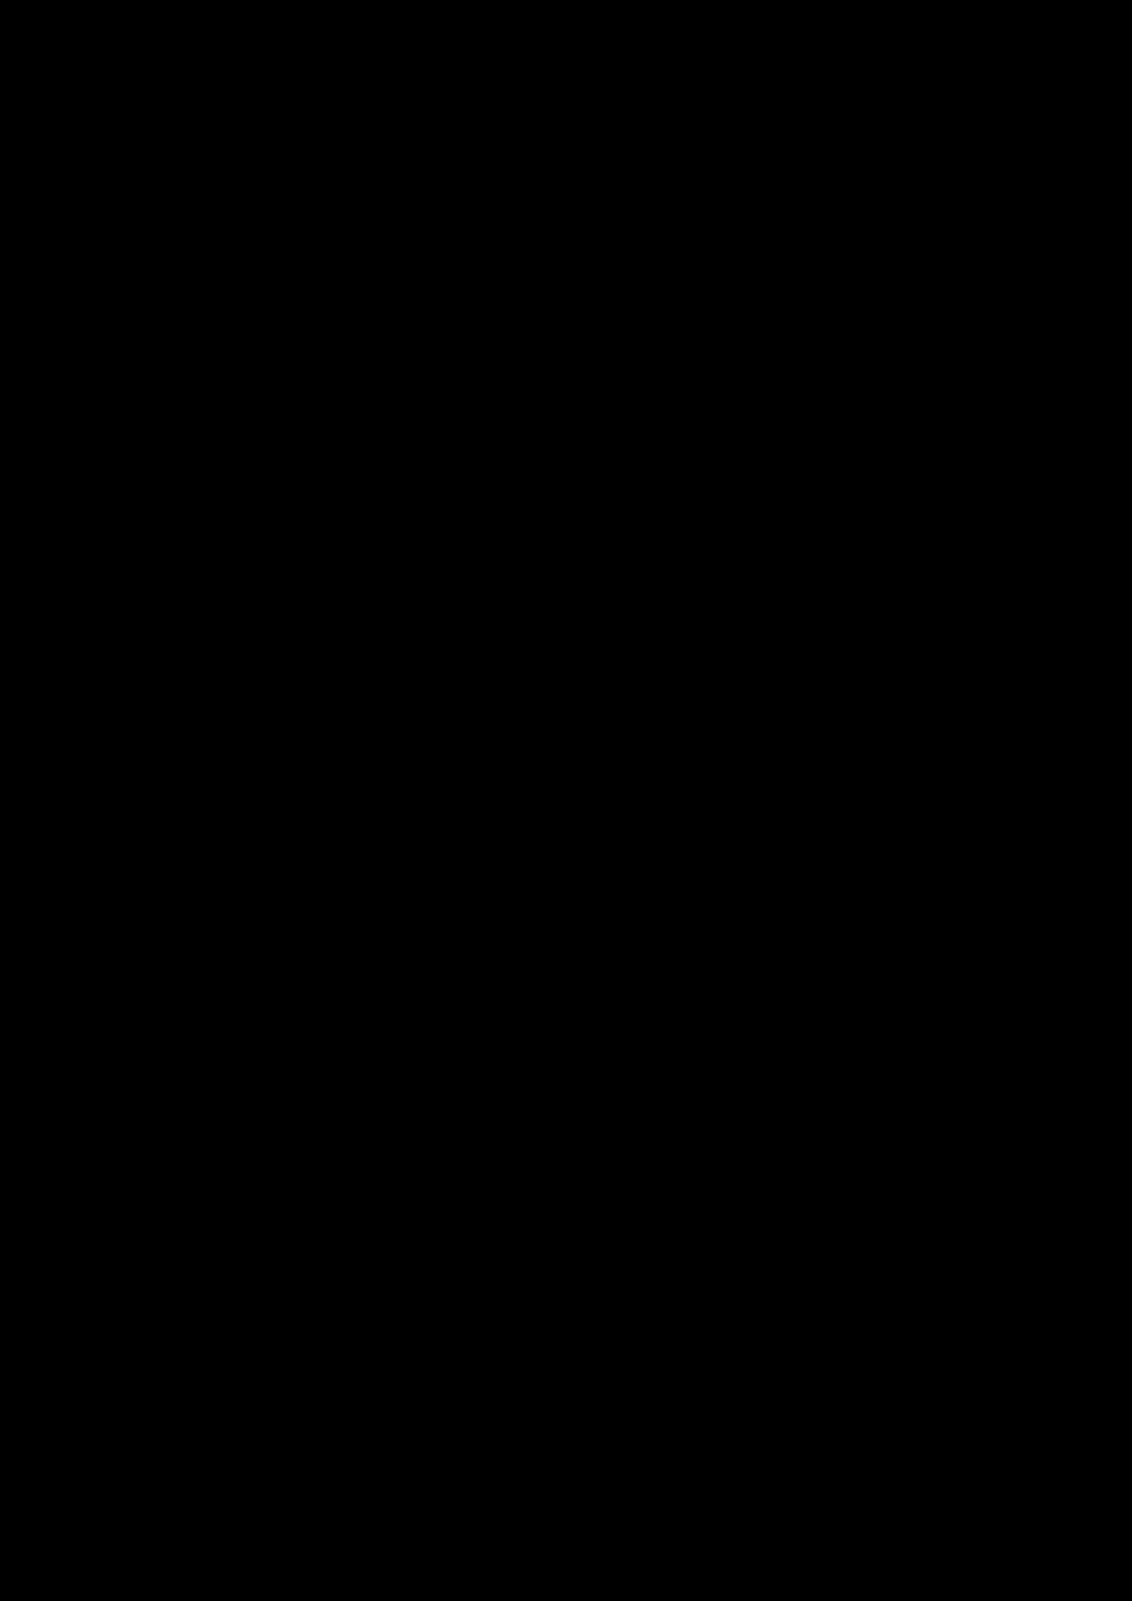 Zagadka volshebnoy stranyi slide, Image 68